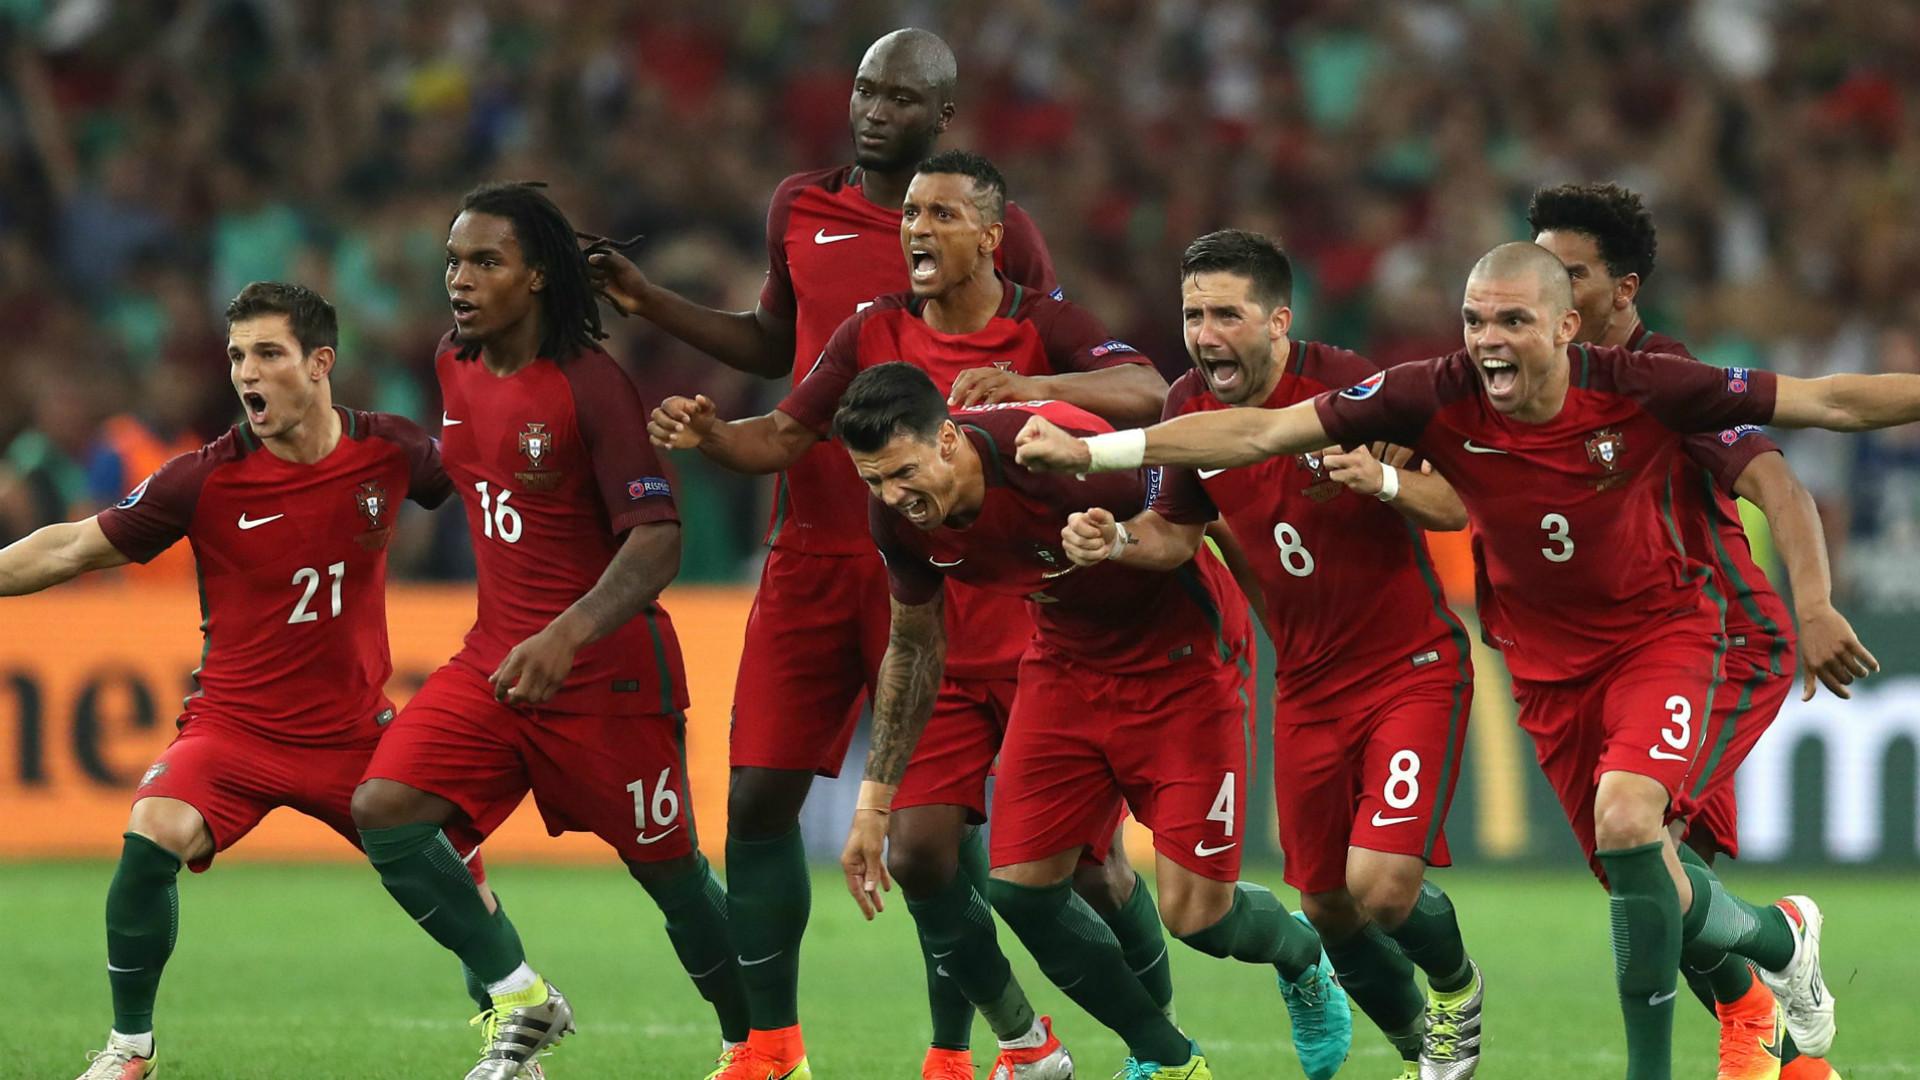 Bồ Đào Nha vượt qua Ba Lan vào bán kết dù không thắng trận nào - Ảnh 1